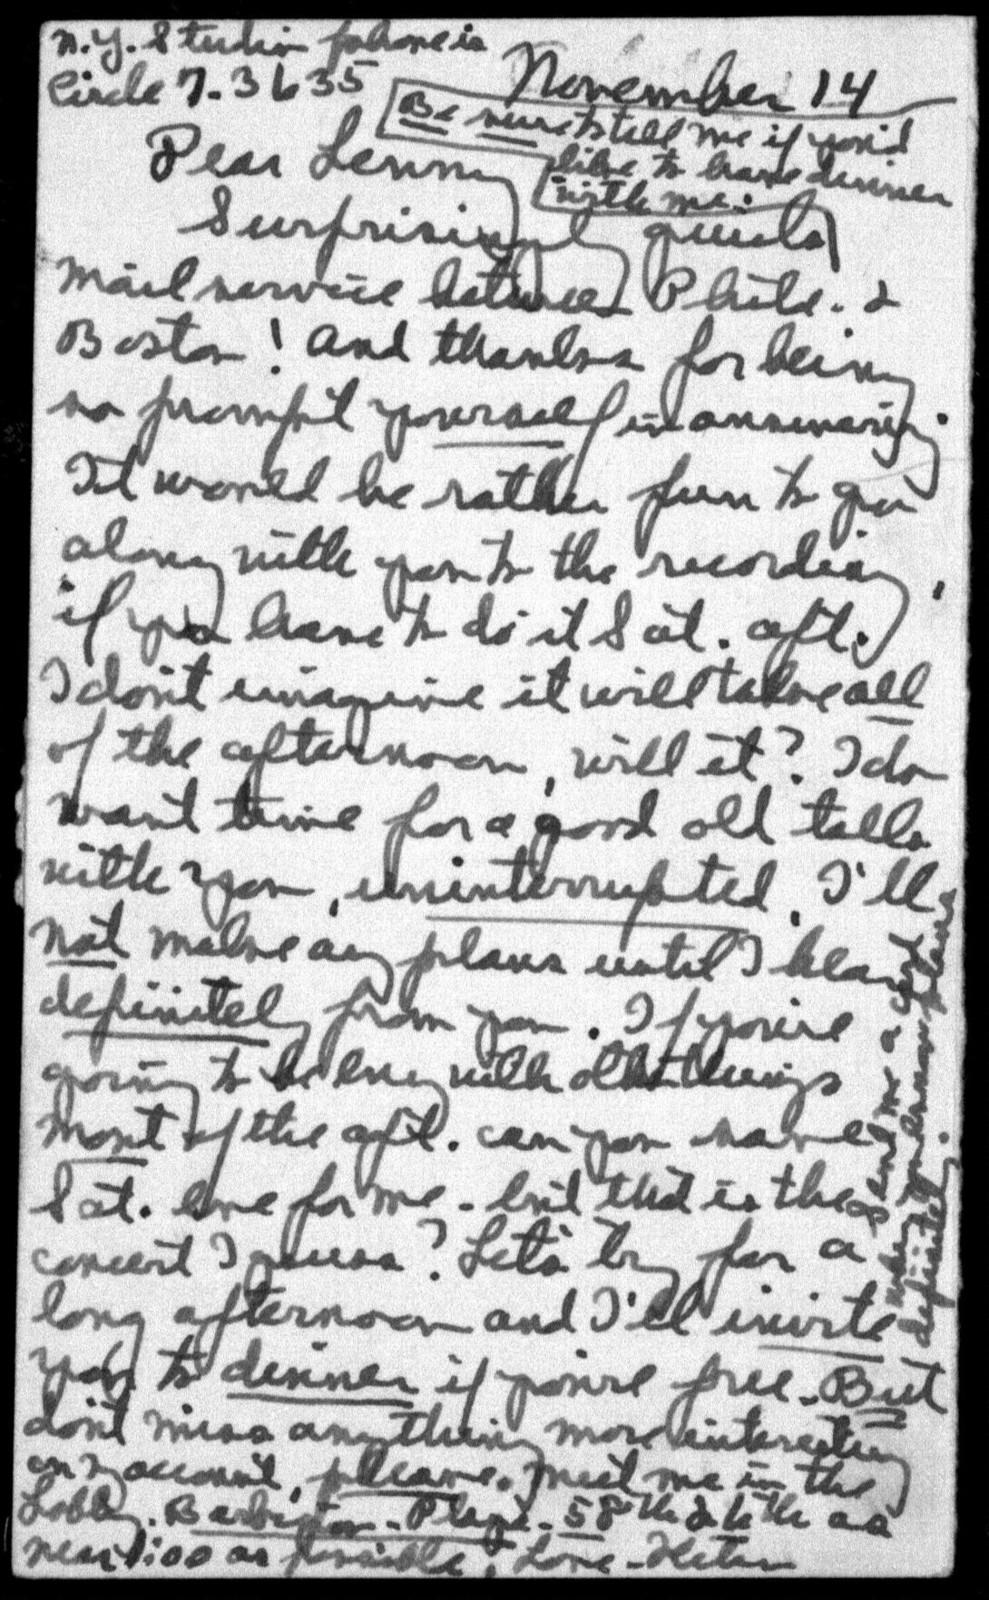 Letter from Helen Coates to Leonard Bernstein, November 14, 1940